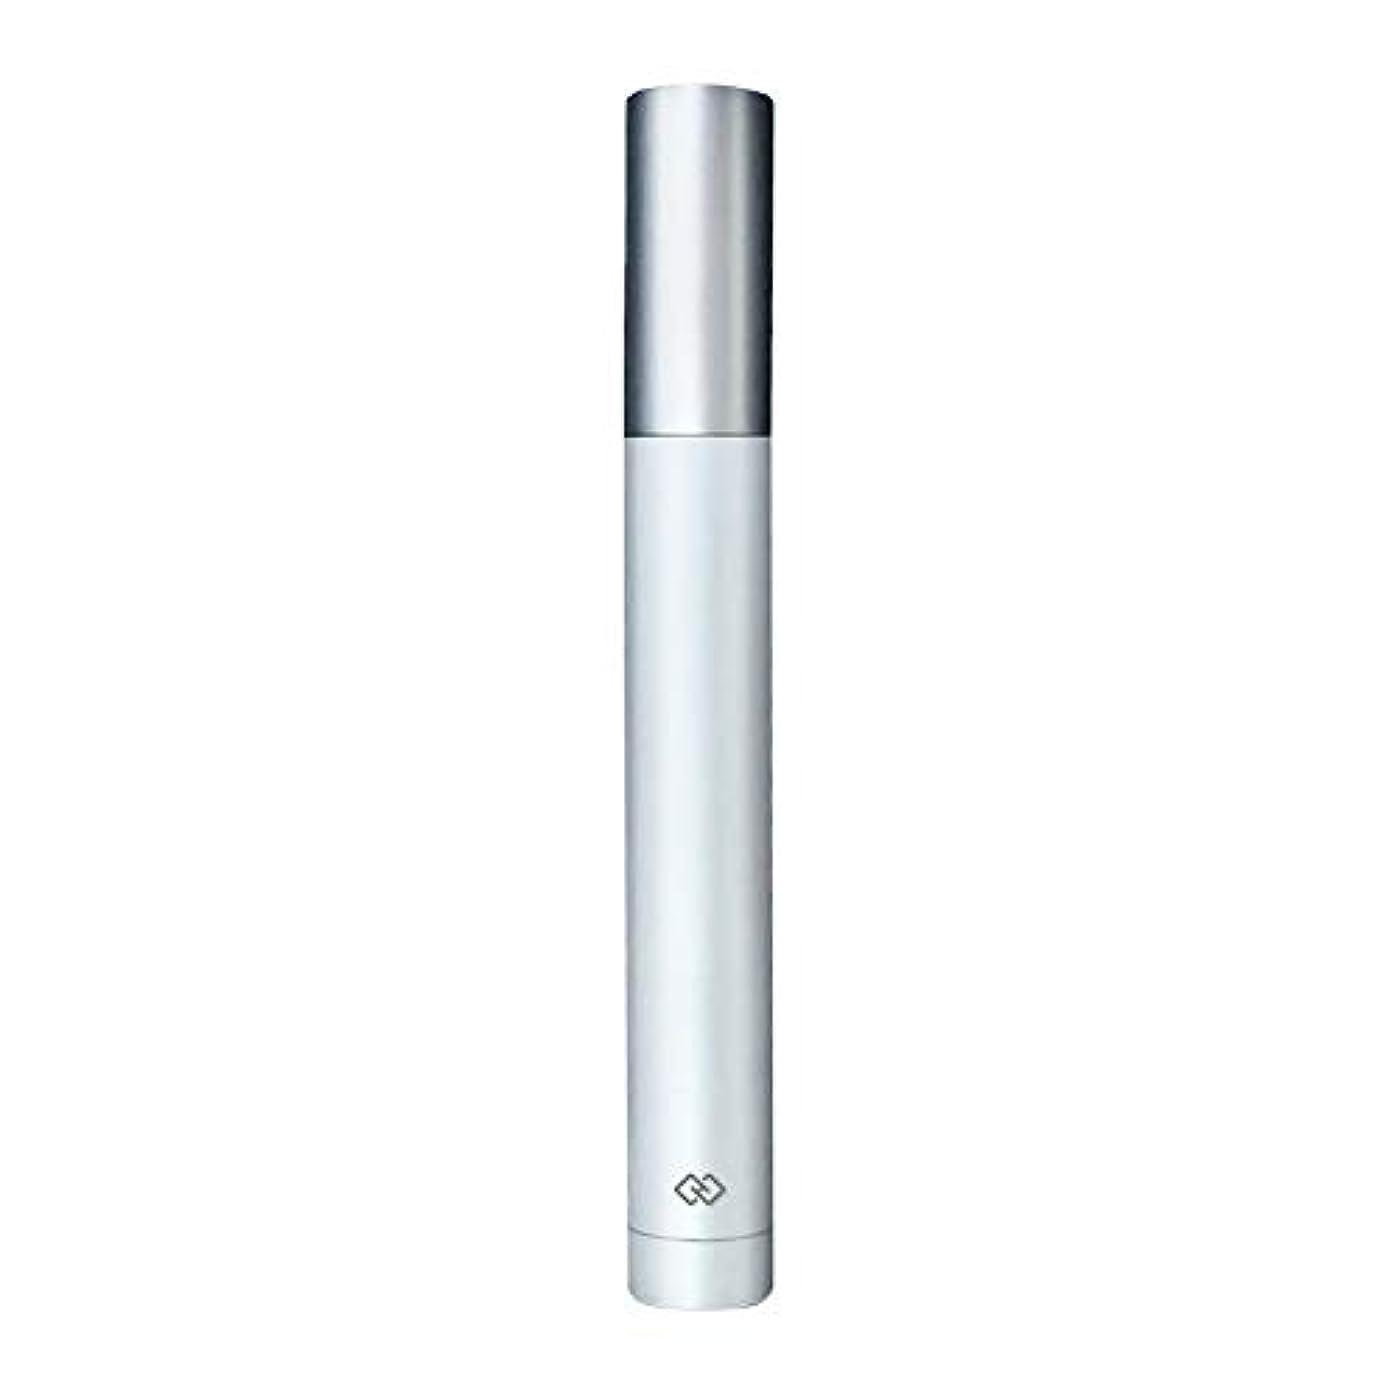 無線中級背景鼻毛トリマー-密閉防水効果/シングルカッターヘッドシャープで耐久性のある/男性用剃毛鼻毛はさみ/ポータブルデザイン、旅行に便利/ 12.9 * 1.65cm 持つ価値があります (Color : White)